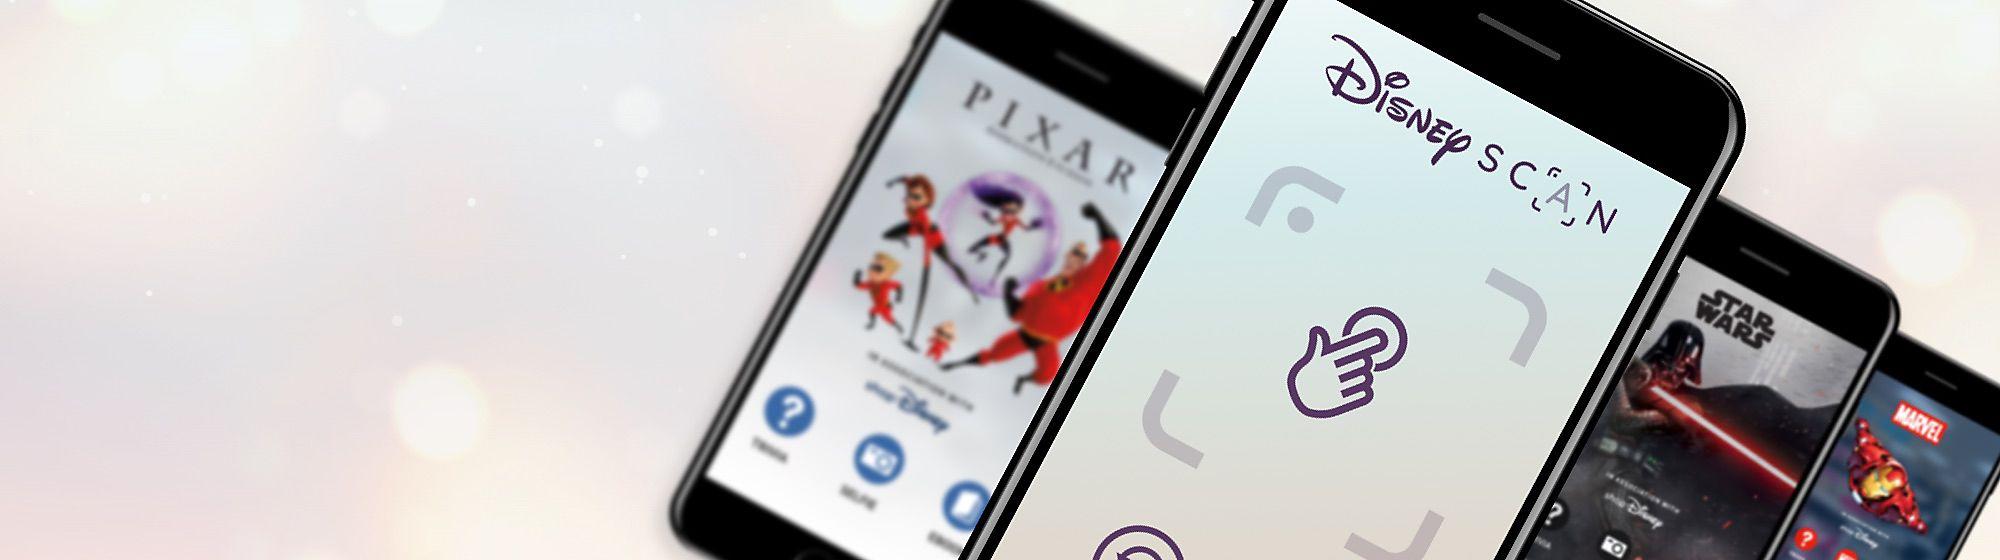 Téléchargez votre Pack d'Activité Digitale à chaque commande